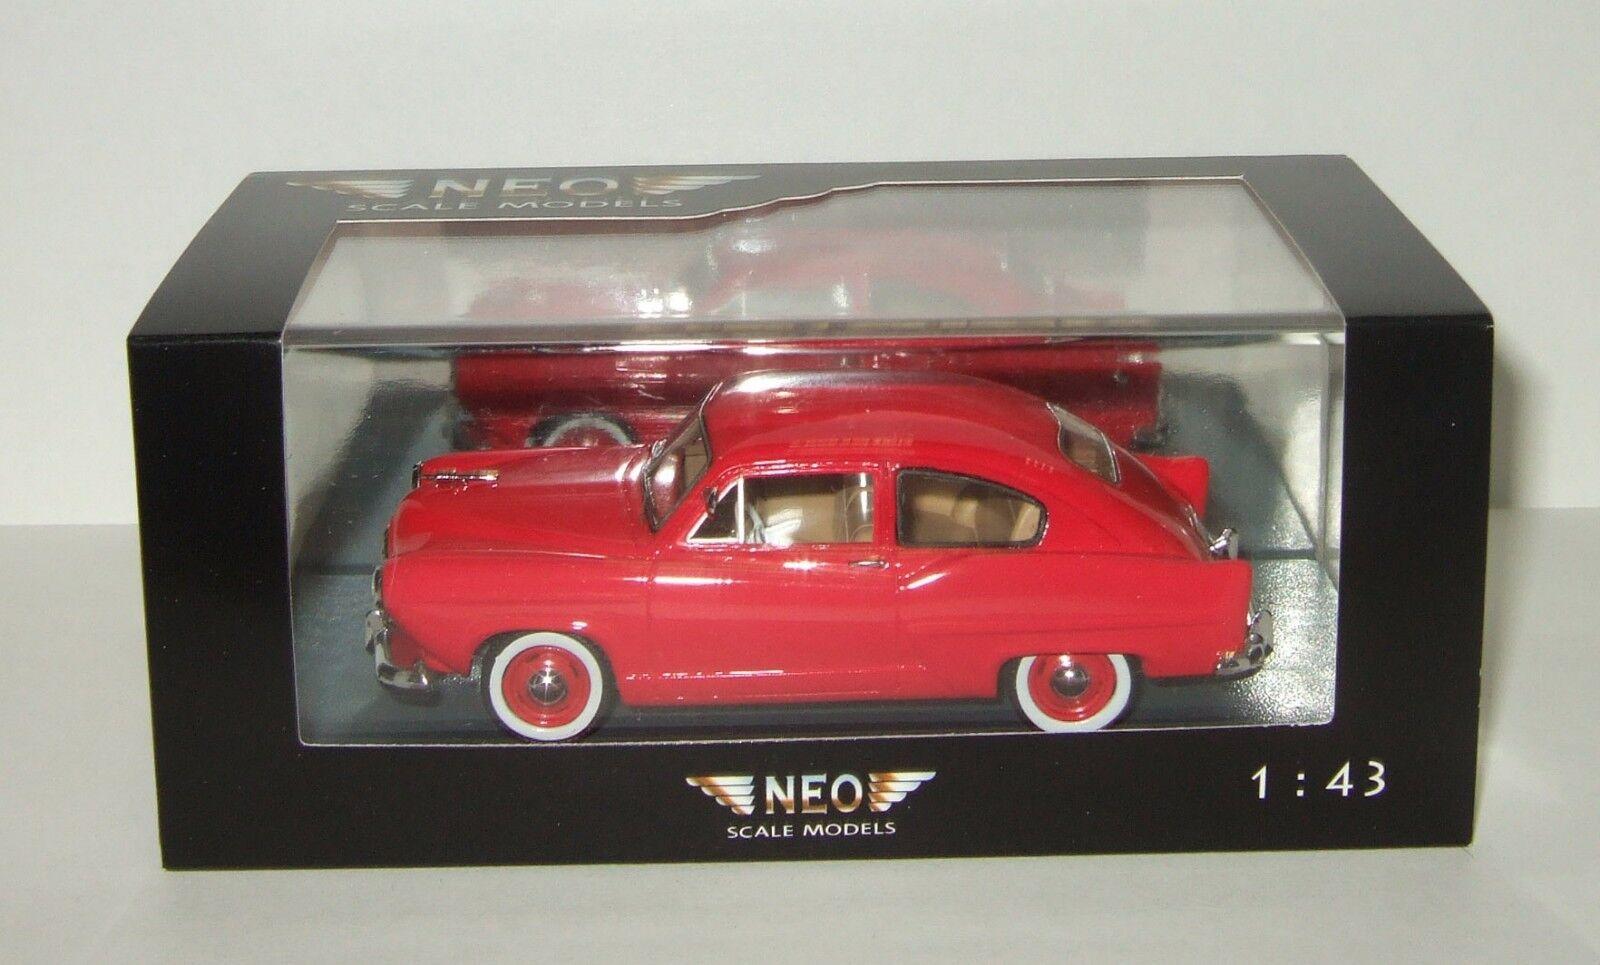 barato y de alta calidad Venta 1 43 Neo Kaiser Henry J J J 1951 Neo 45965  ahorre 60% de descuento